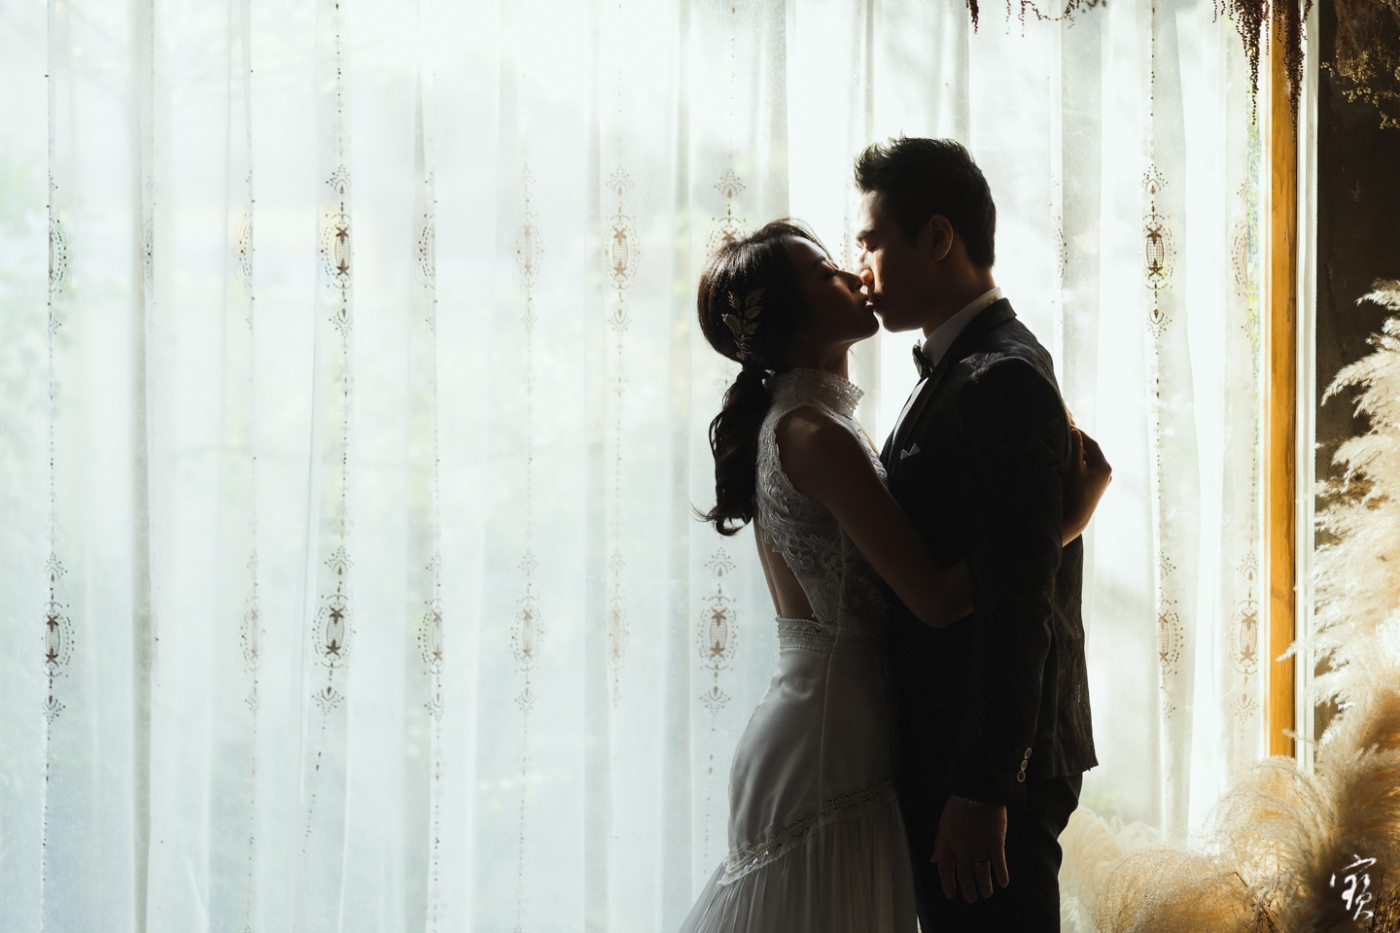 婚紗攝影 台中婚紗 台中都會公園 踏踏攝影棚 冬伴影像 攝影師大寶 北部攝影 新竹攝影 自主婚紗 自助婚紗_DB_4522